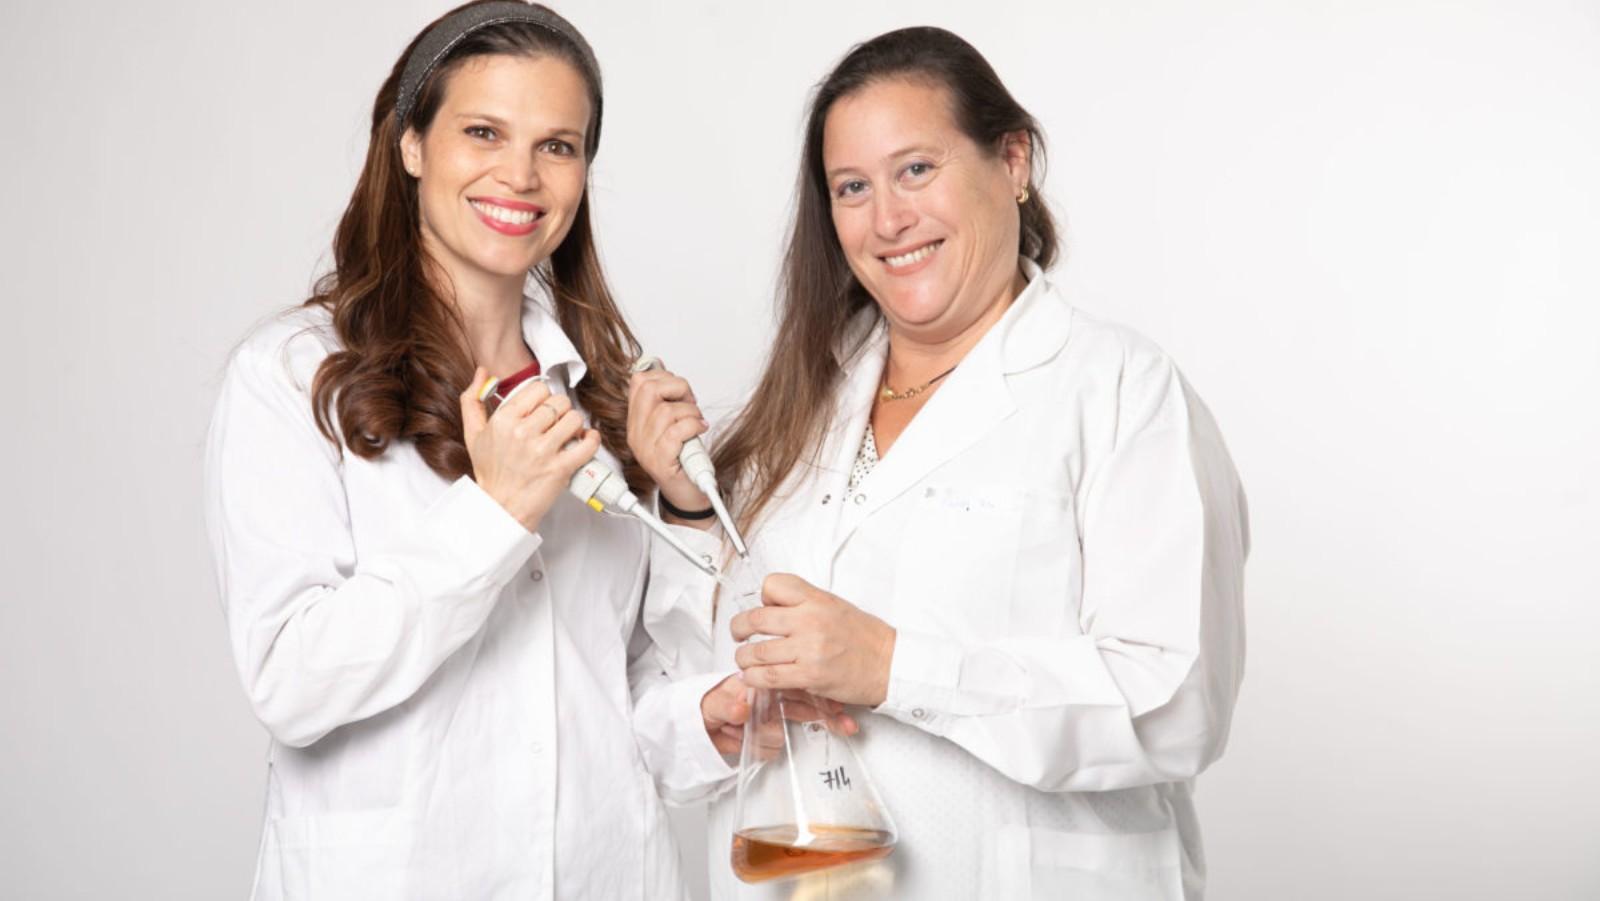 <p>MilkStrip inventors Avital Beck, CEO, and Hadas Shatz-Azoulay, COO. (Courtesy of DiagnoseStrip)</p>